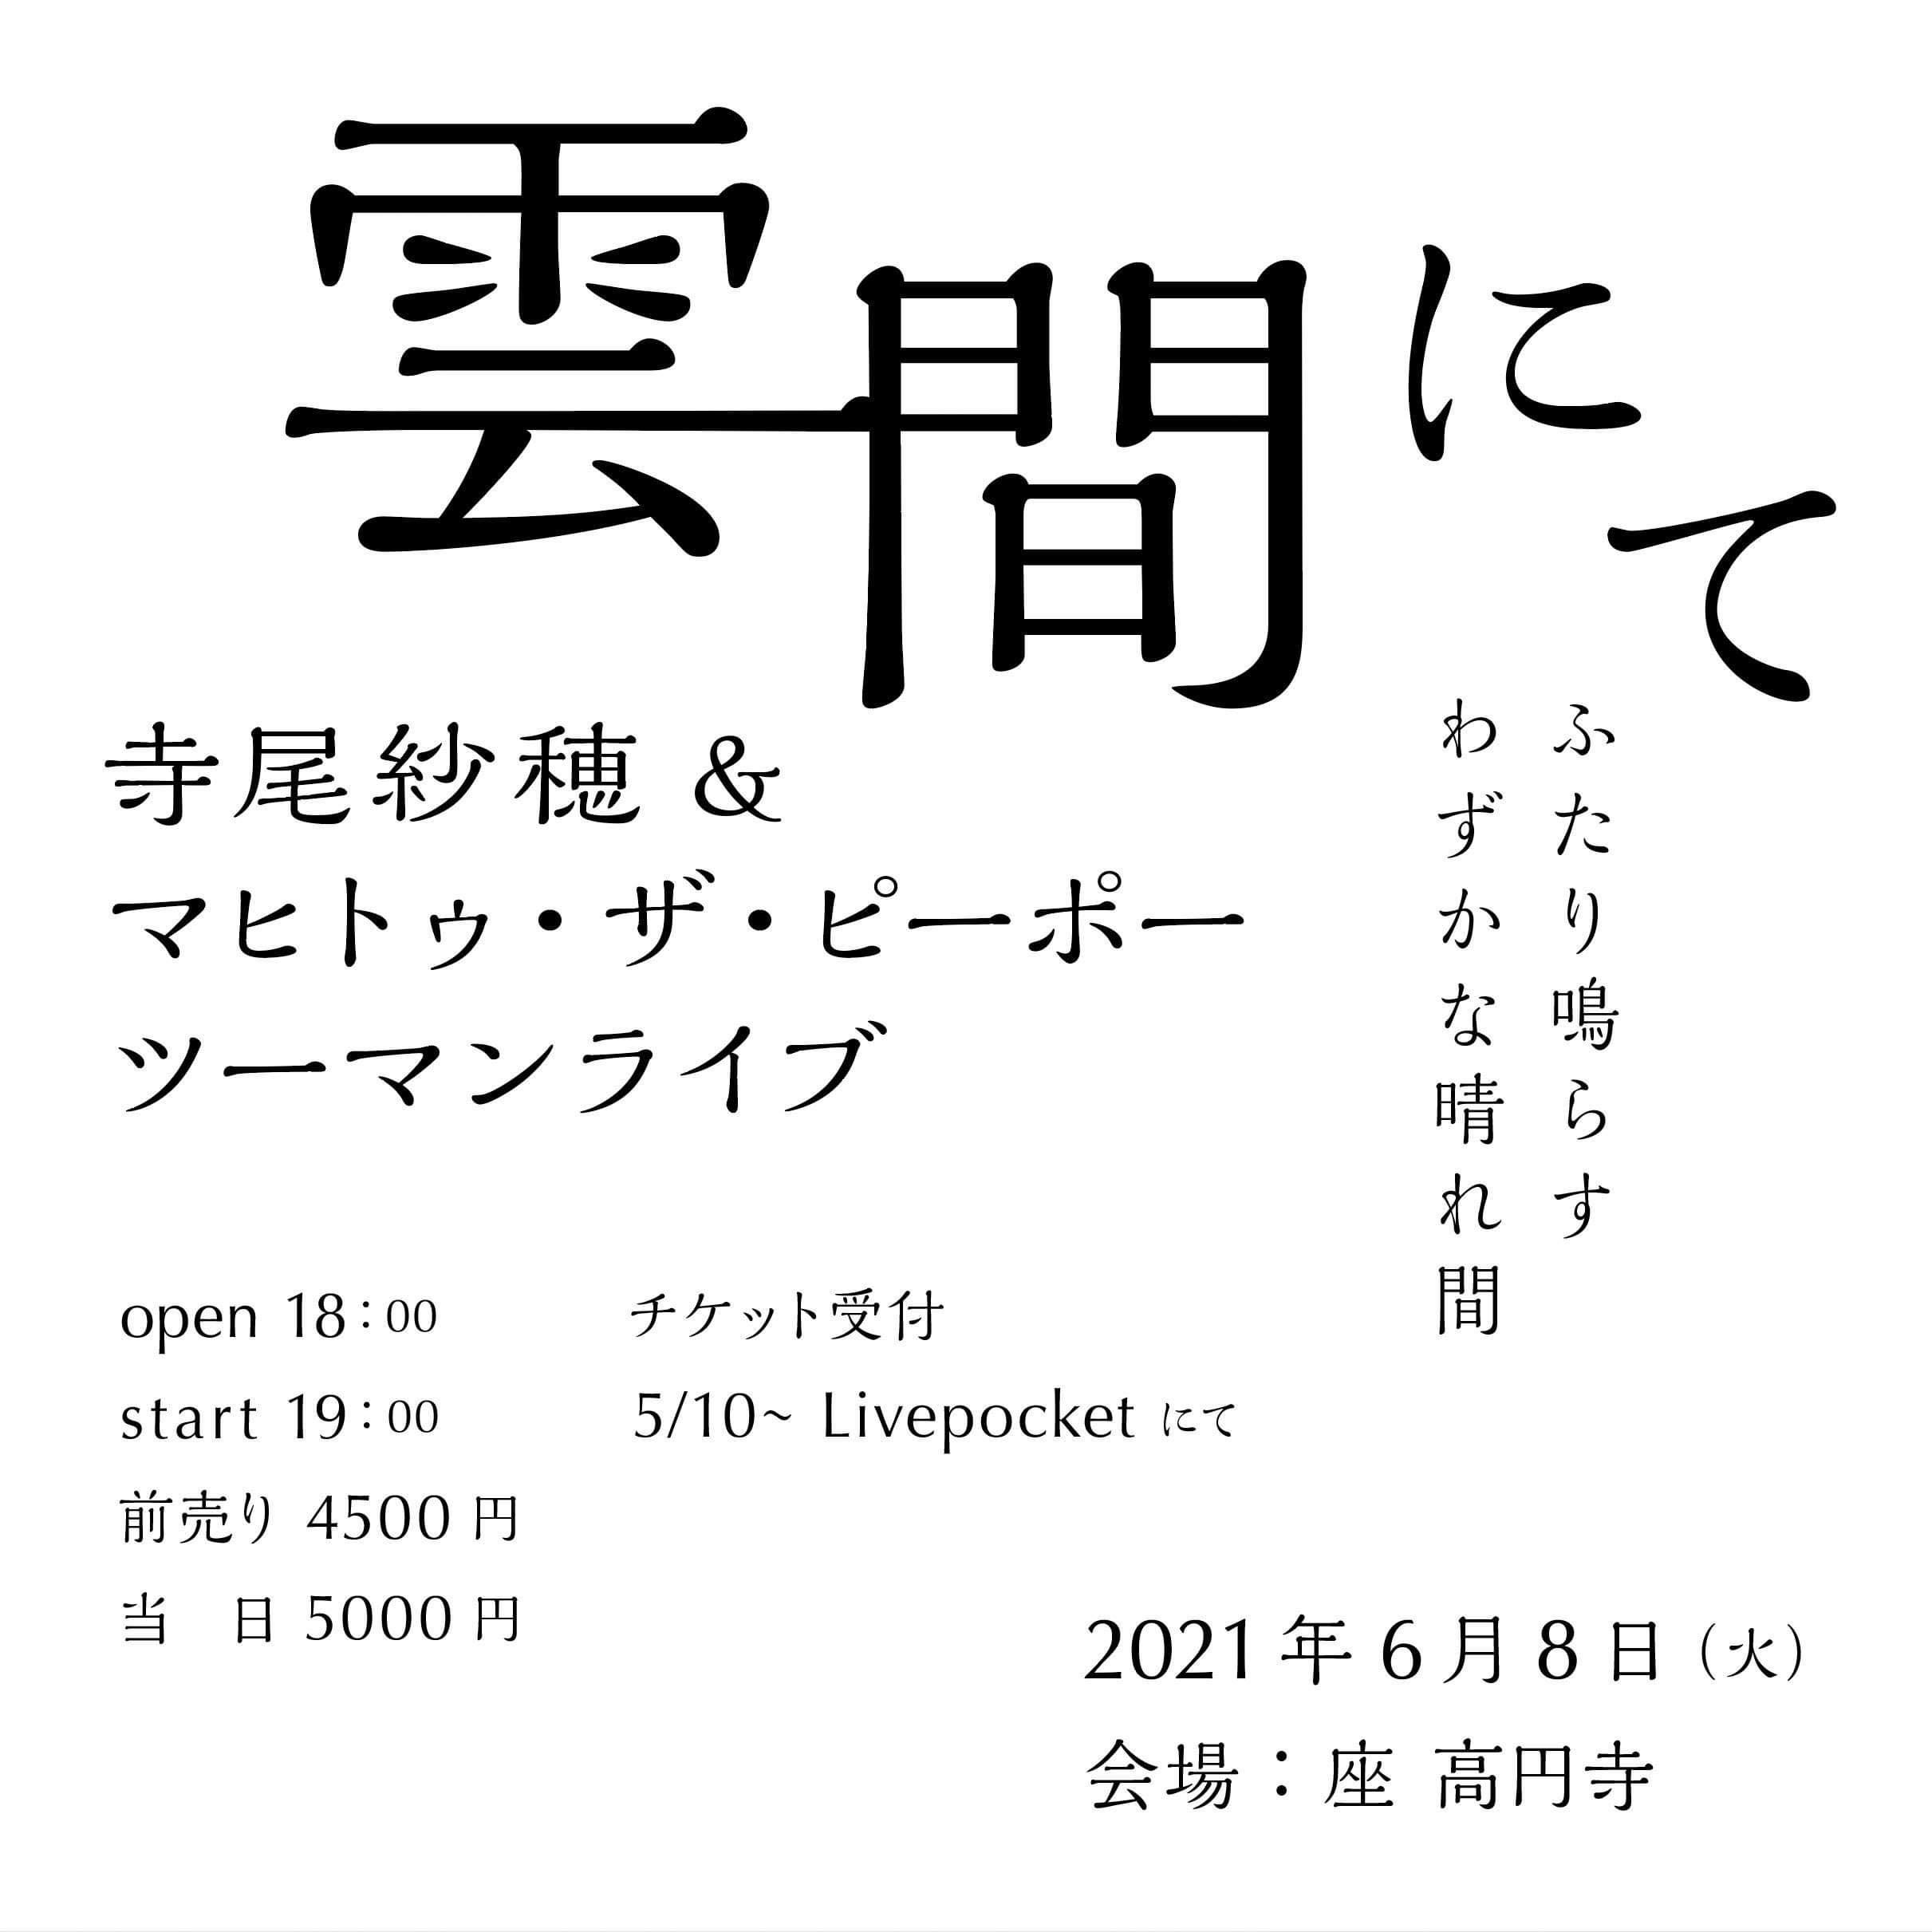 寺尾紗穂&マヒトゥ・ザ・ピーポー ツーマンライブ 雲間にて